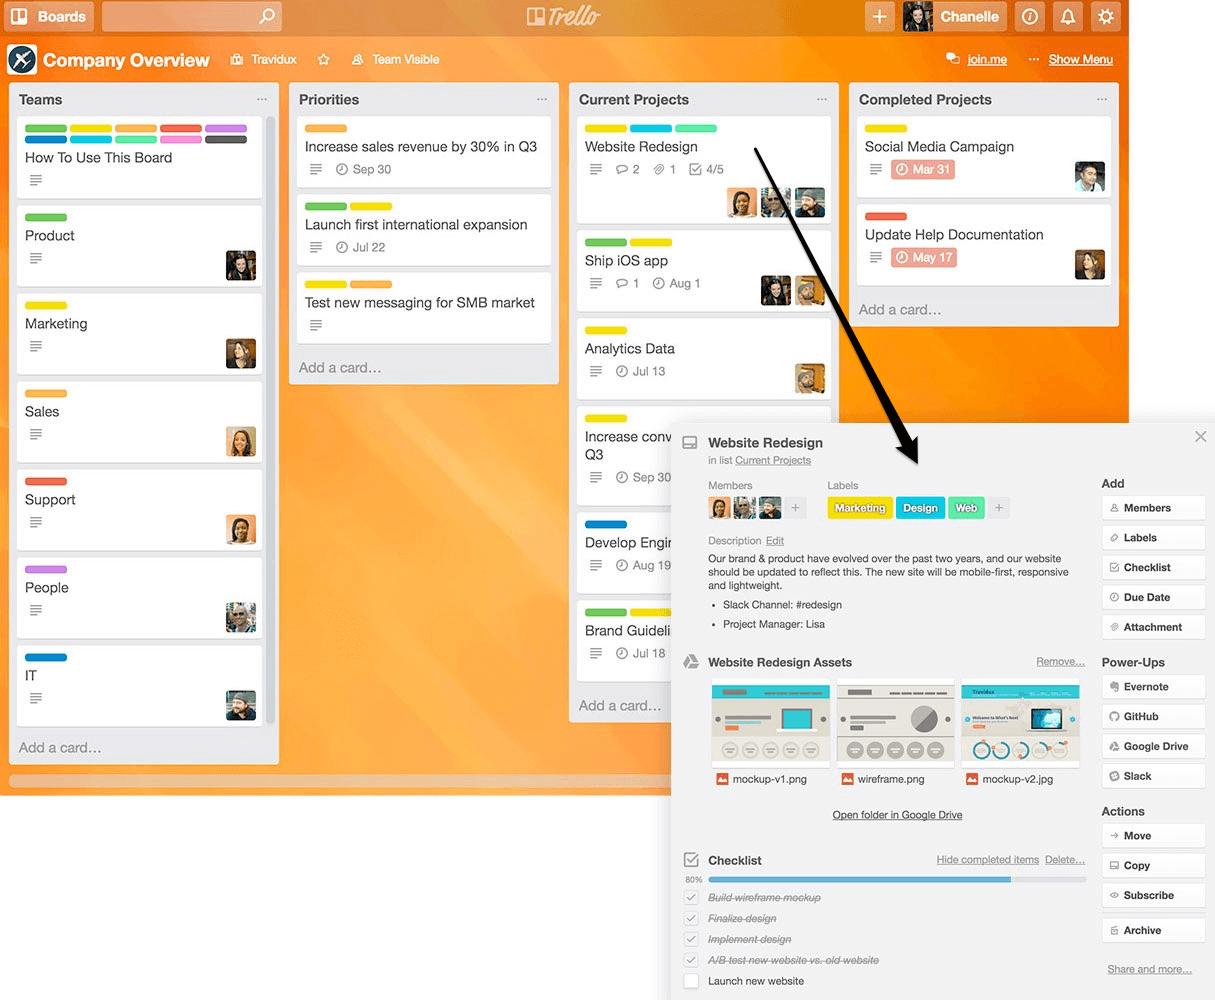 herramientas de colaboracion